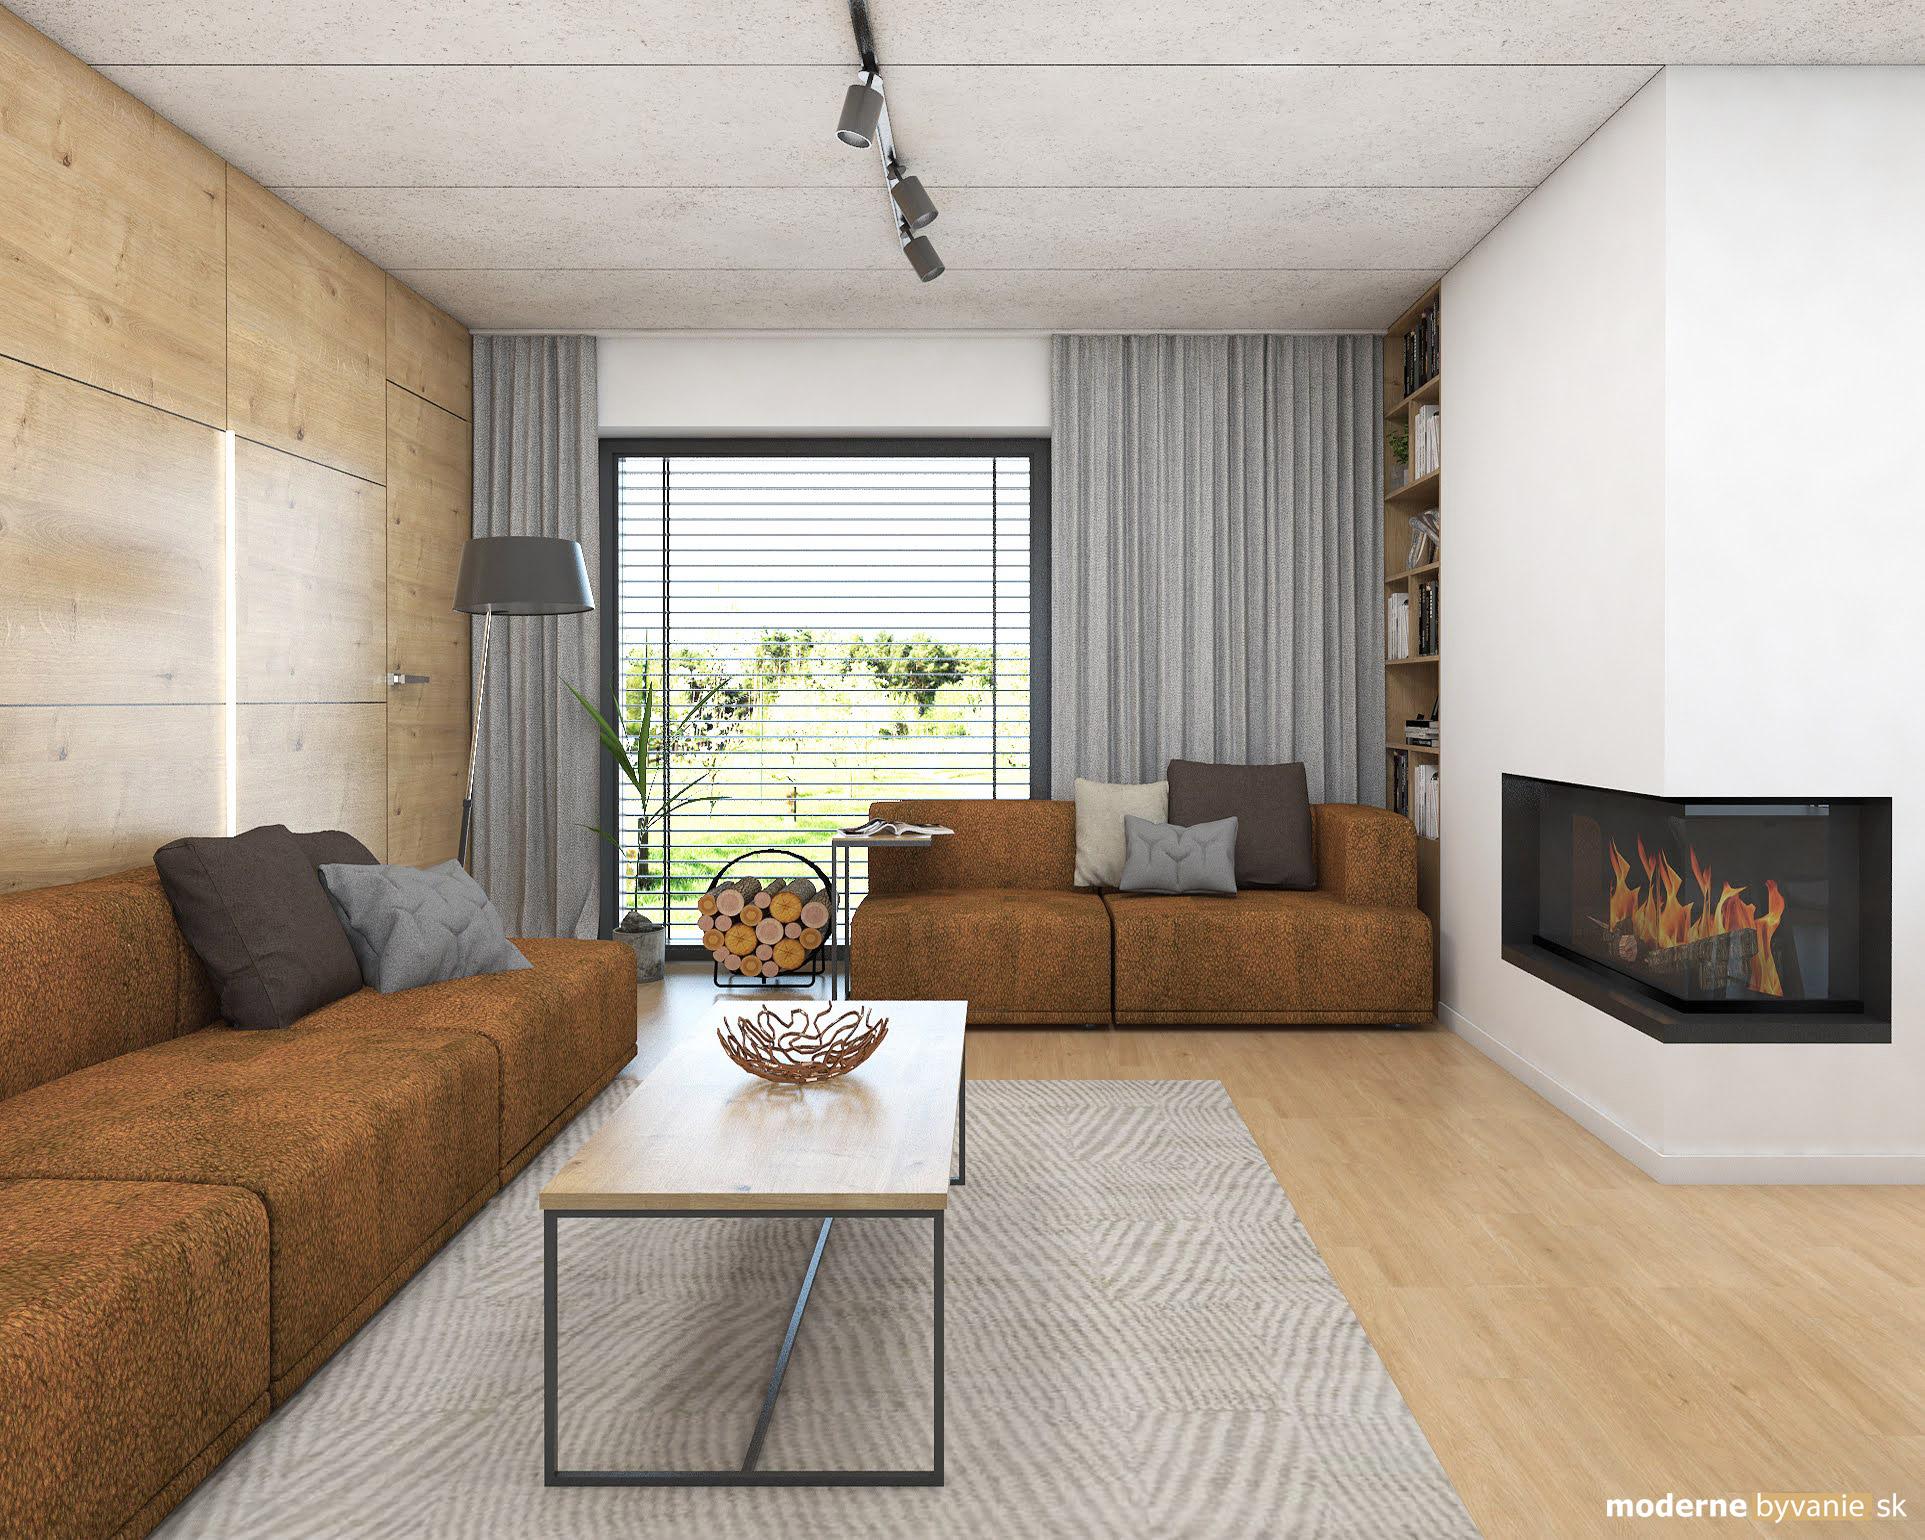 Návrh interiéru - Obývačka - Dizajn interiéru domu v Tatrách